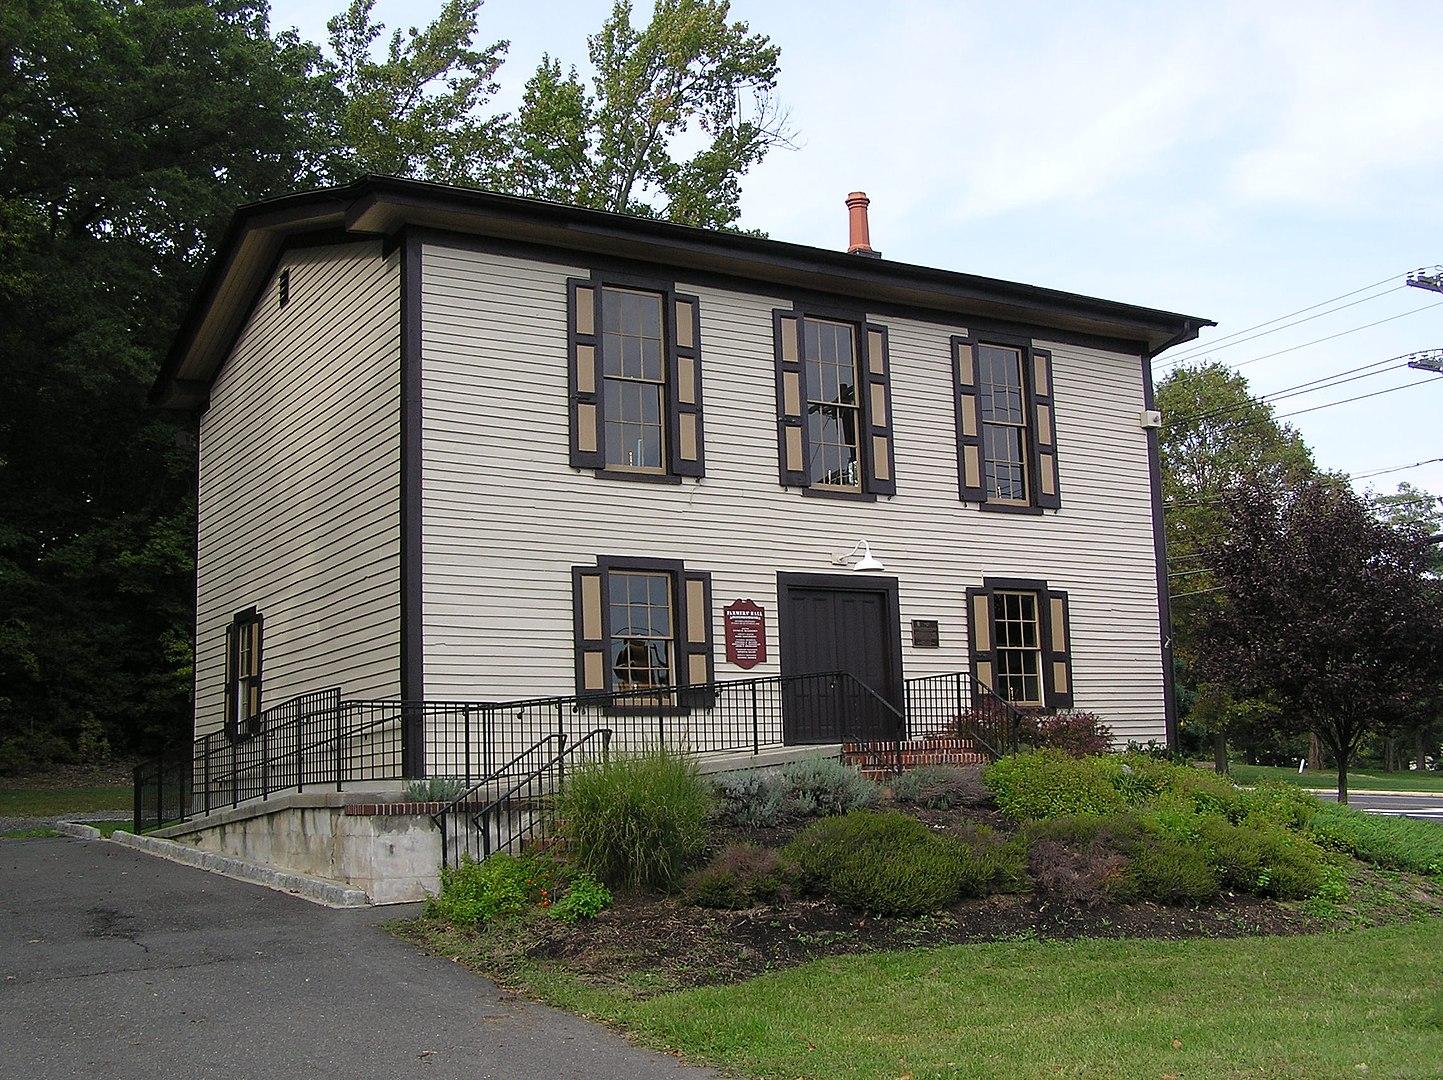 2012 photo of Farmer's Hall